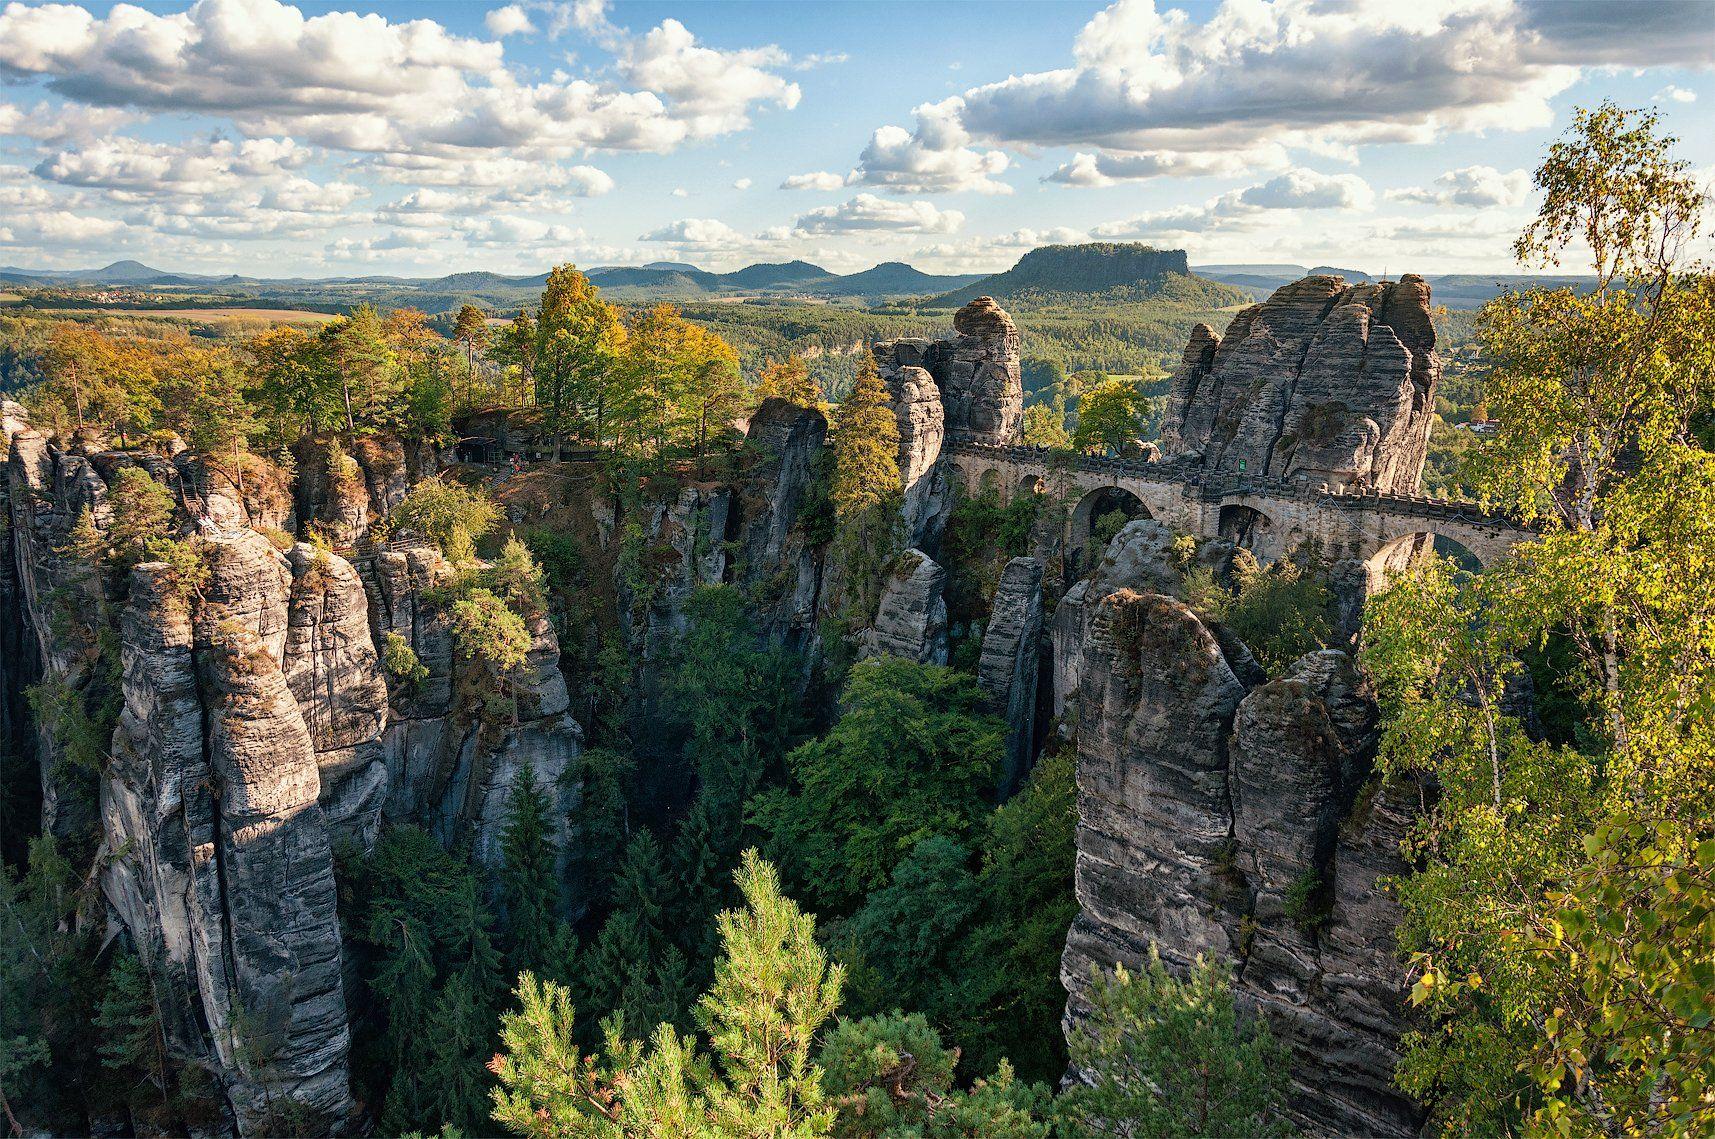 германия, саксонская швейцария, горы, бастай, лес, река, эльба, каньон, мост, тропа художников, Андрей Кобыща